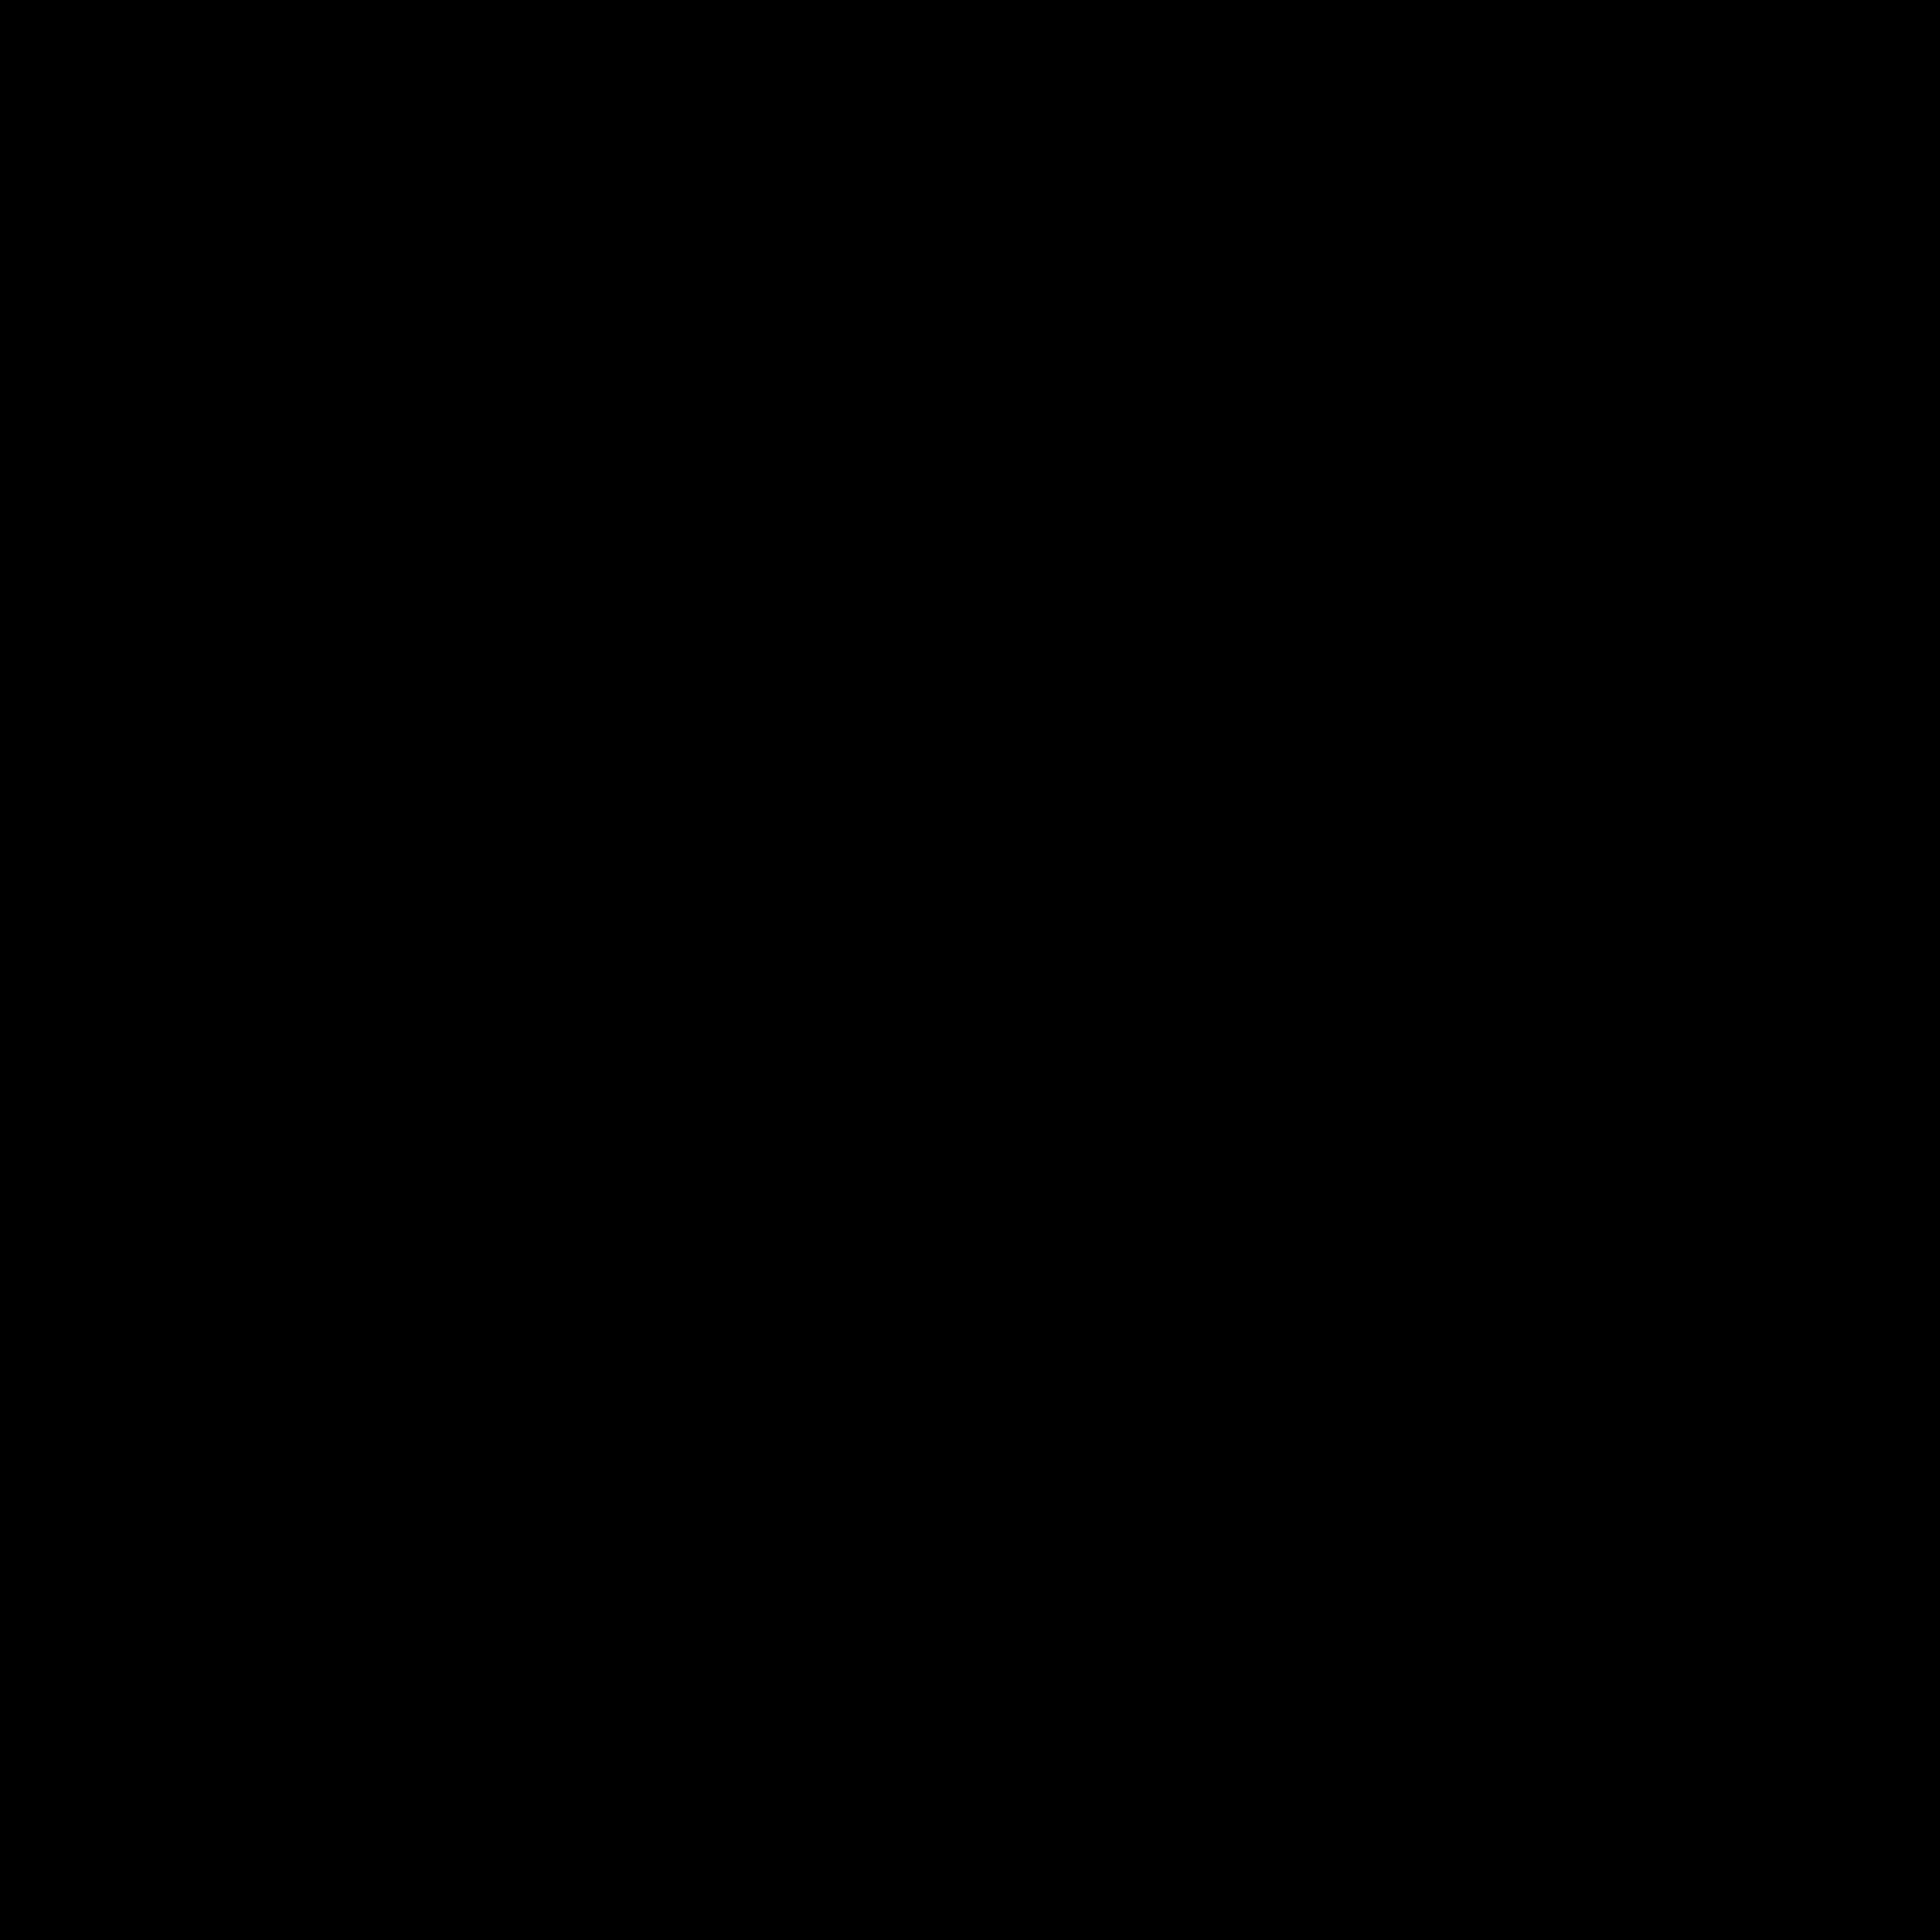 mcdonald s logo png transparent svg vector freebie supply rh freebiesupply com mcdonalds logo vector download macdonald logo 2016 vector